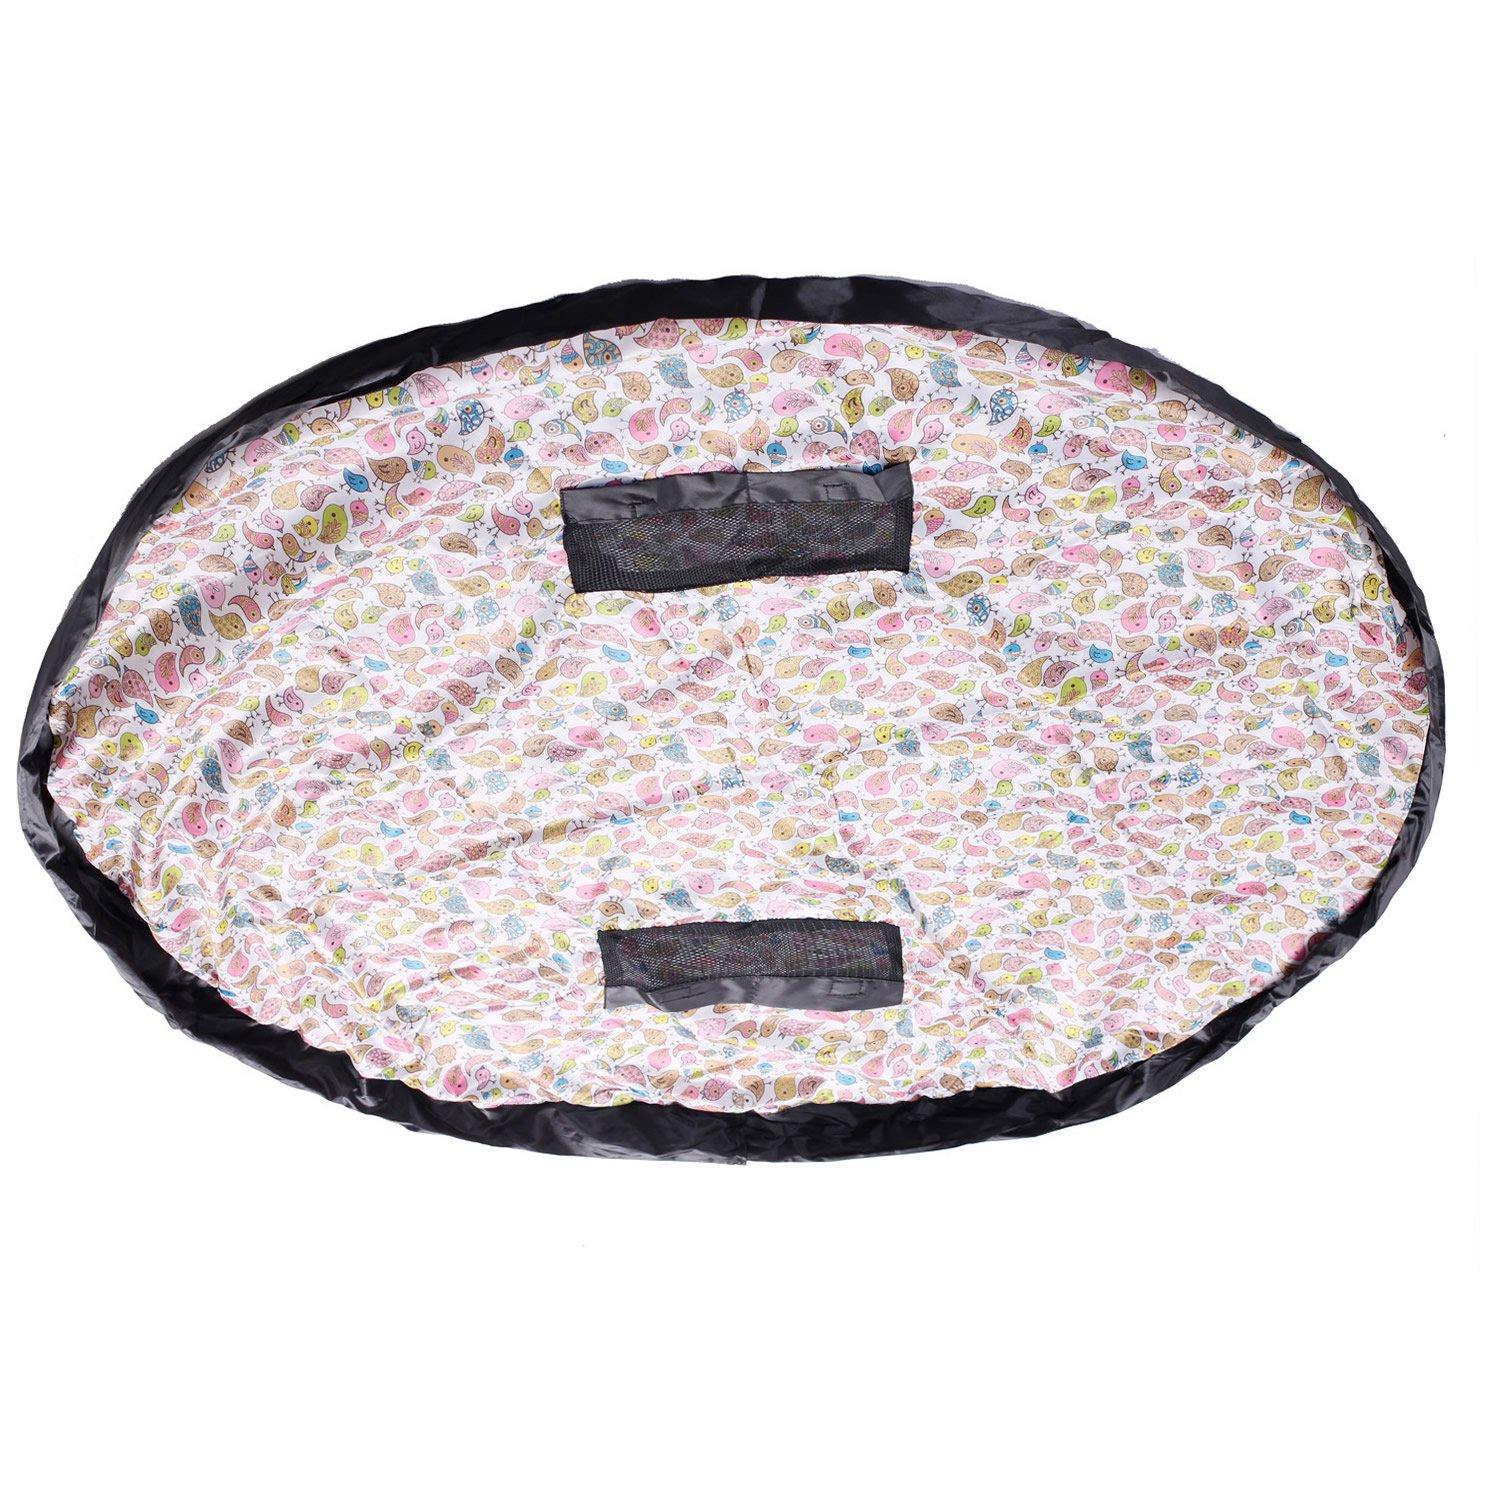 TUKA hidrófugo 151 cm Estera del juego y juguetes almacenamiento bolsa, XXL alfombra, niños jugar Mat. Rápidamente limpieza organizador del almacenaje, portátil al aire libre manta actividades alfombra, Pájaro colorido, TKD4006 colorfulbird TUKAI